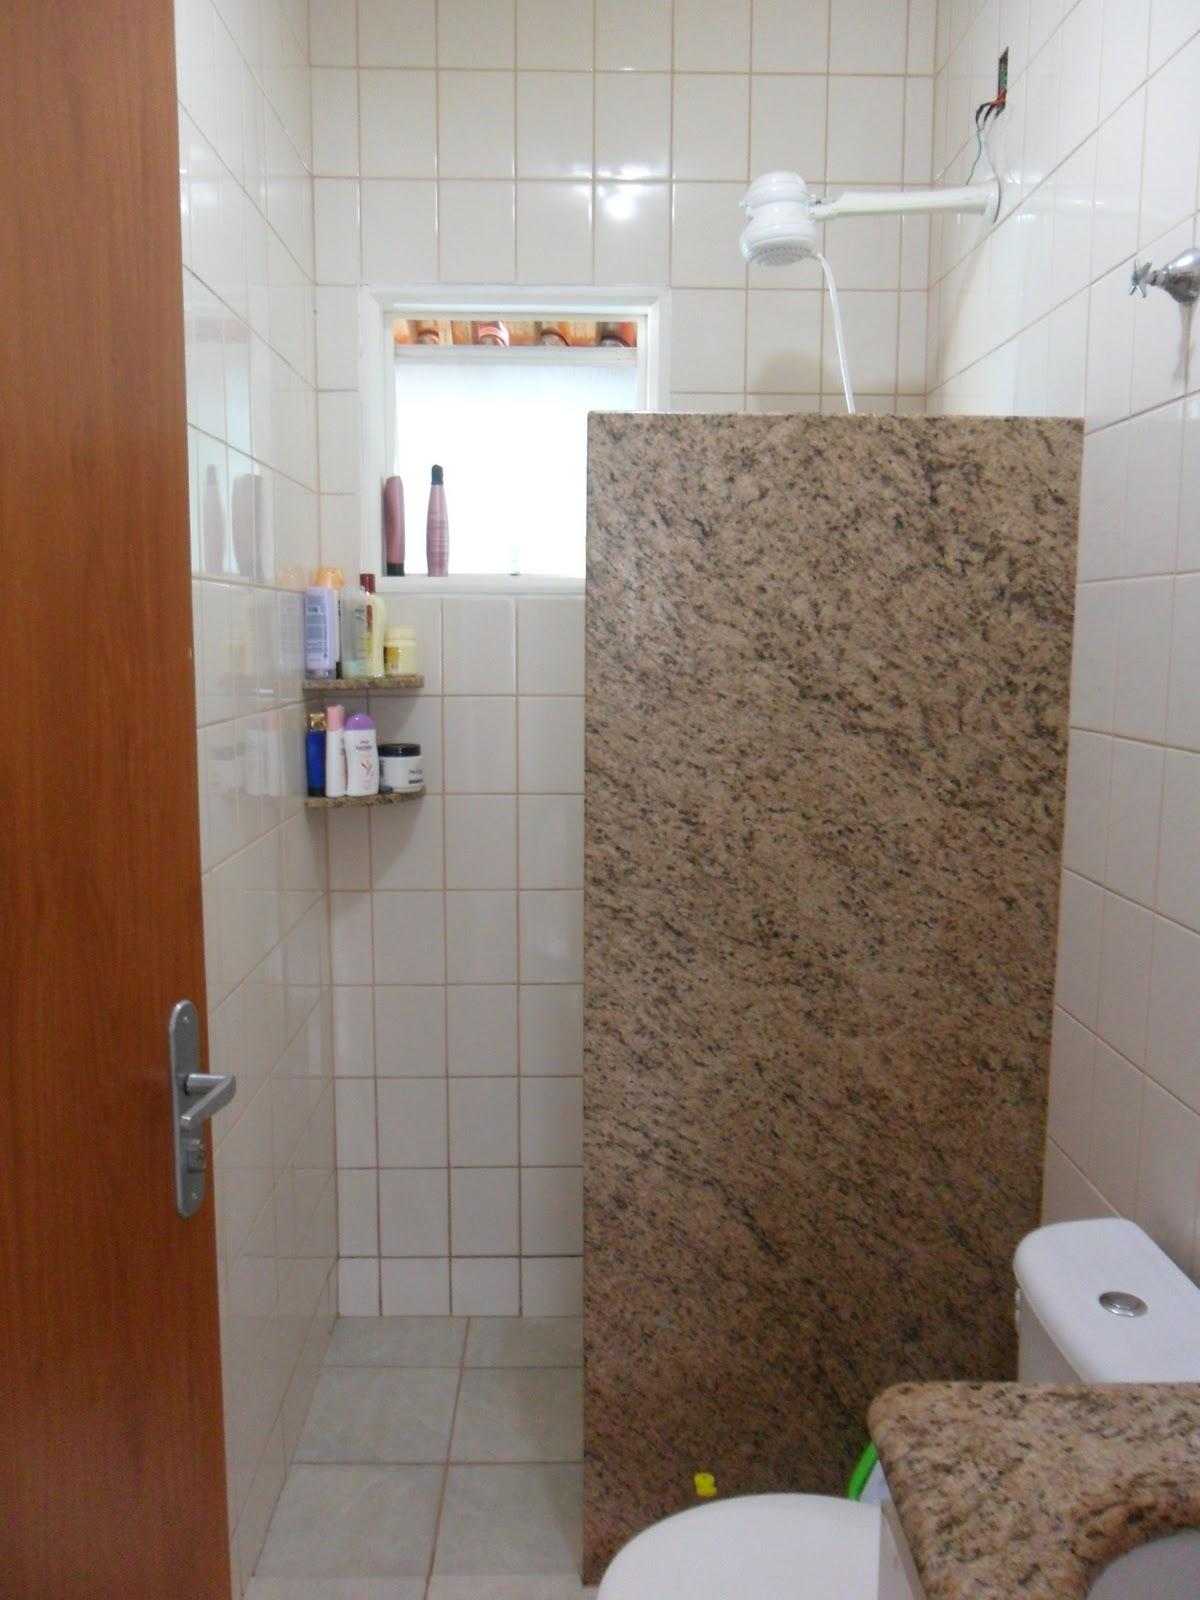 Modificações no banheiro com substituição da #327525 1200x1600 Banheiro Com Porcelanato De Madeira